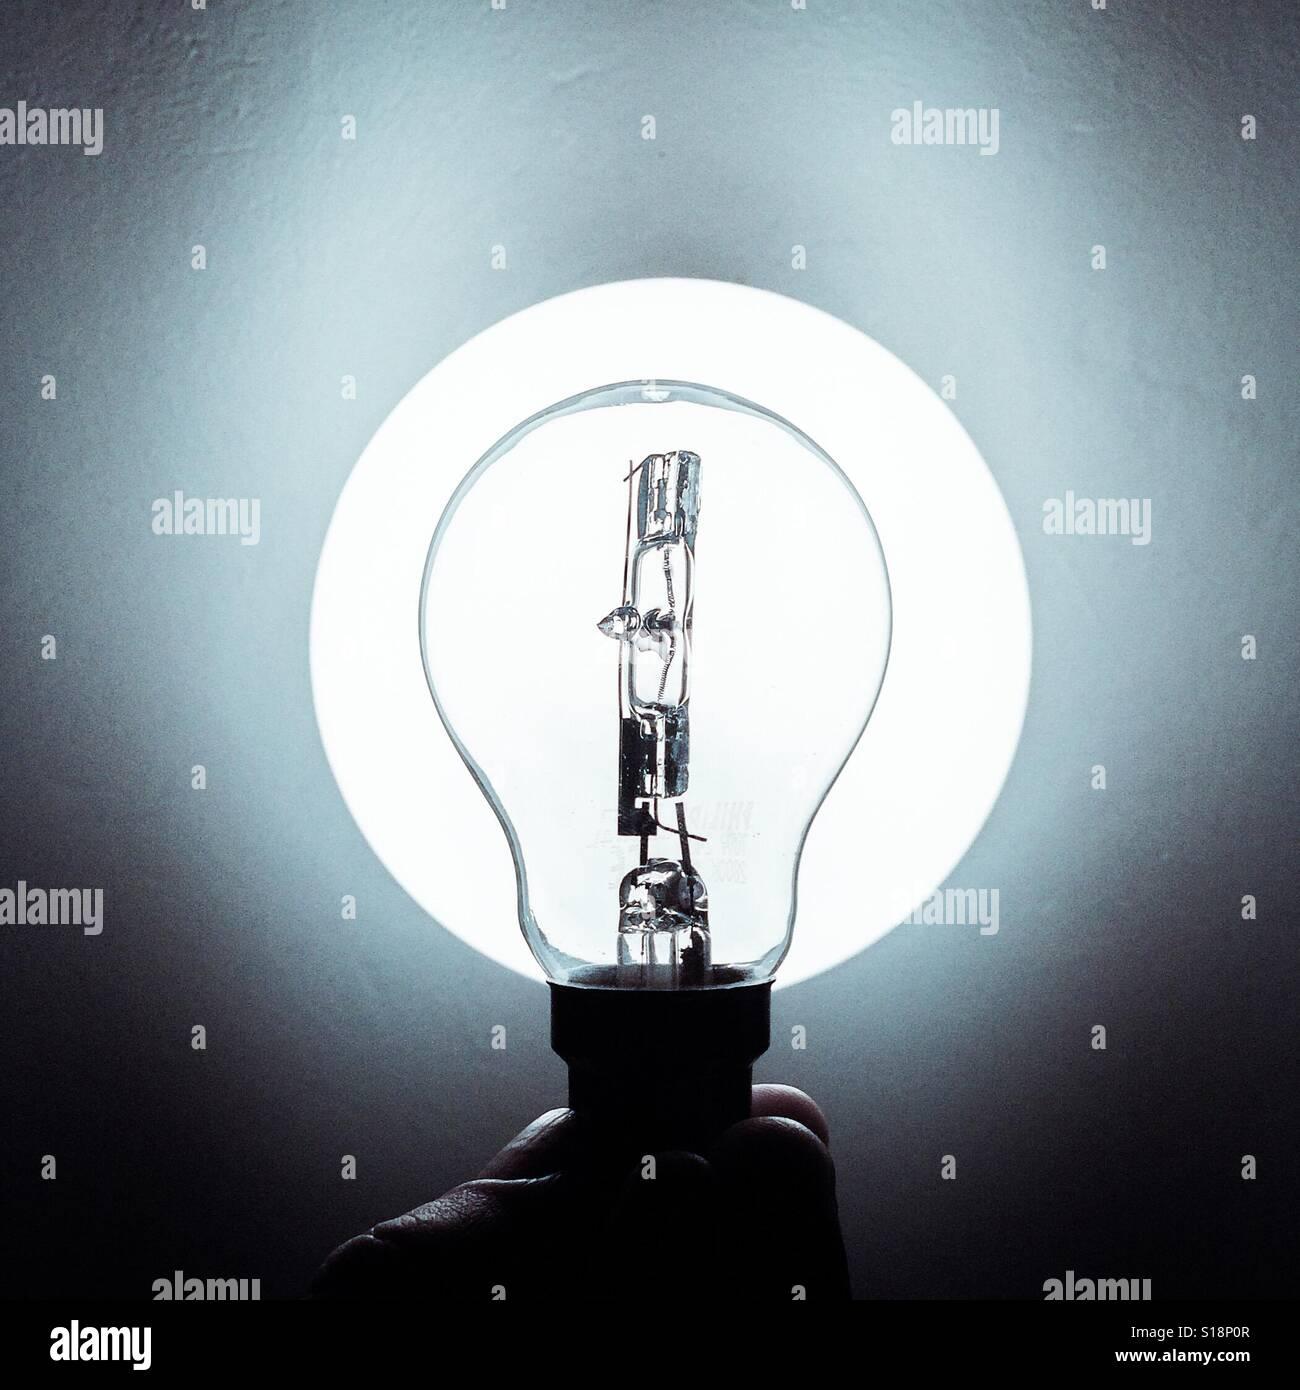 Lightbulb illuminated - Stock Image